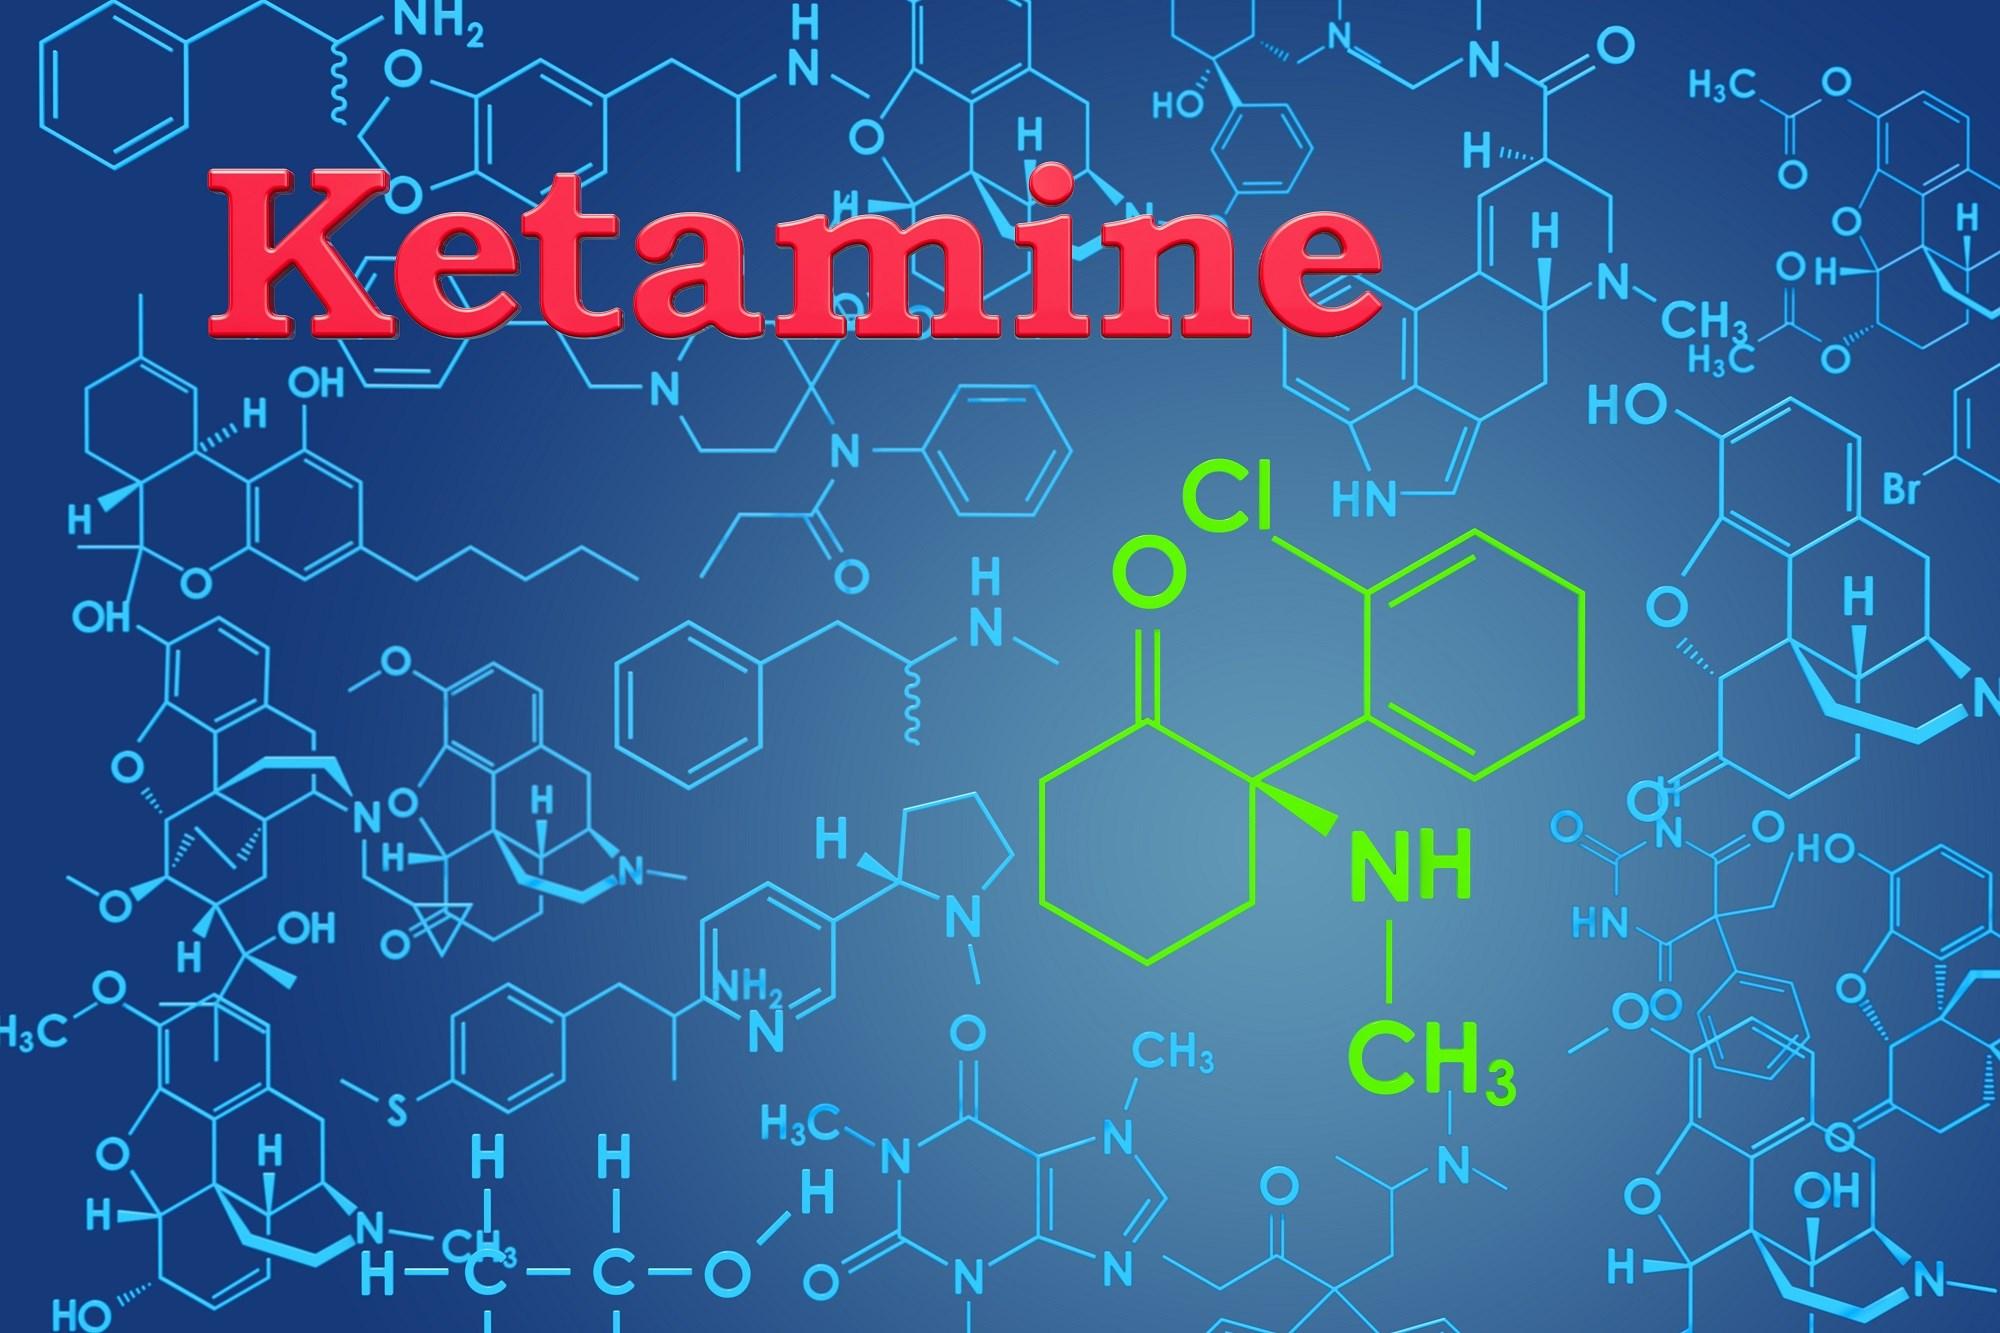 Ketamine is lipophilic, allowing it to cross the blood-brain barrier.